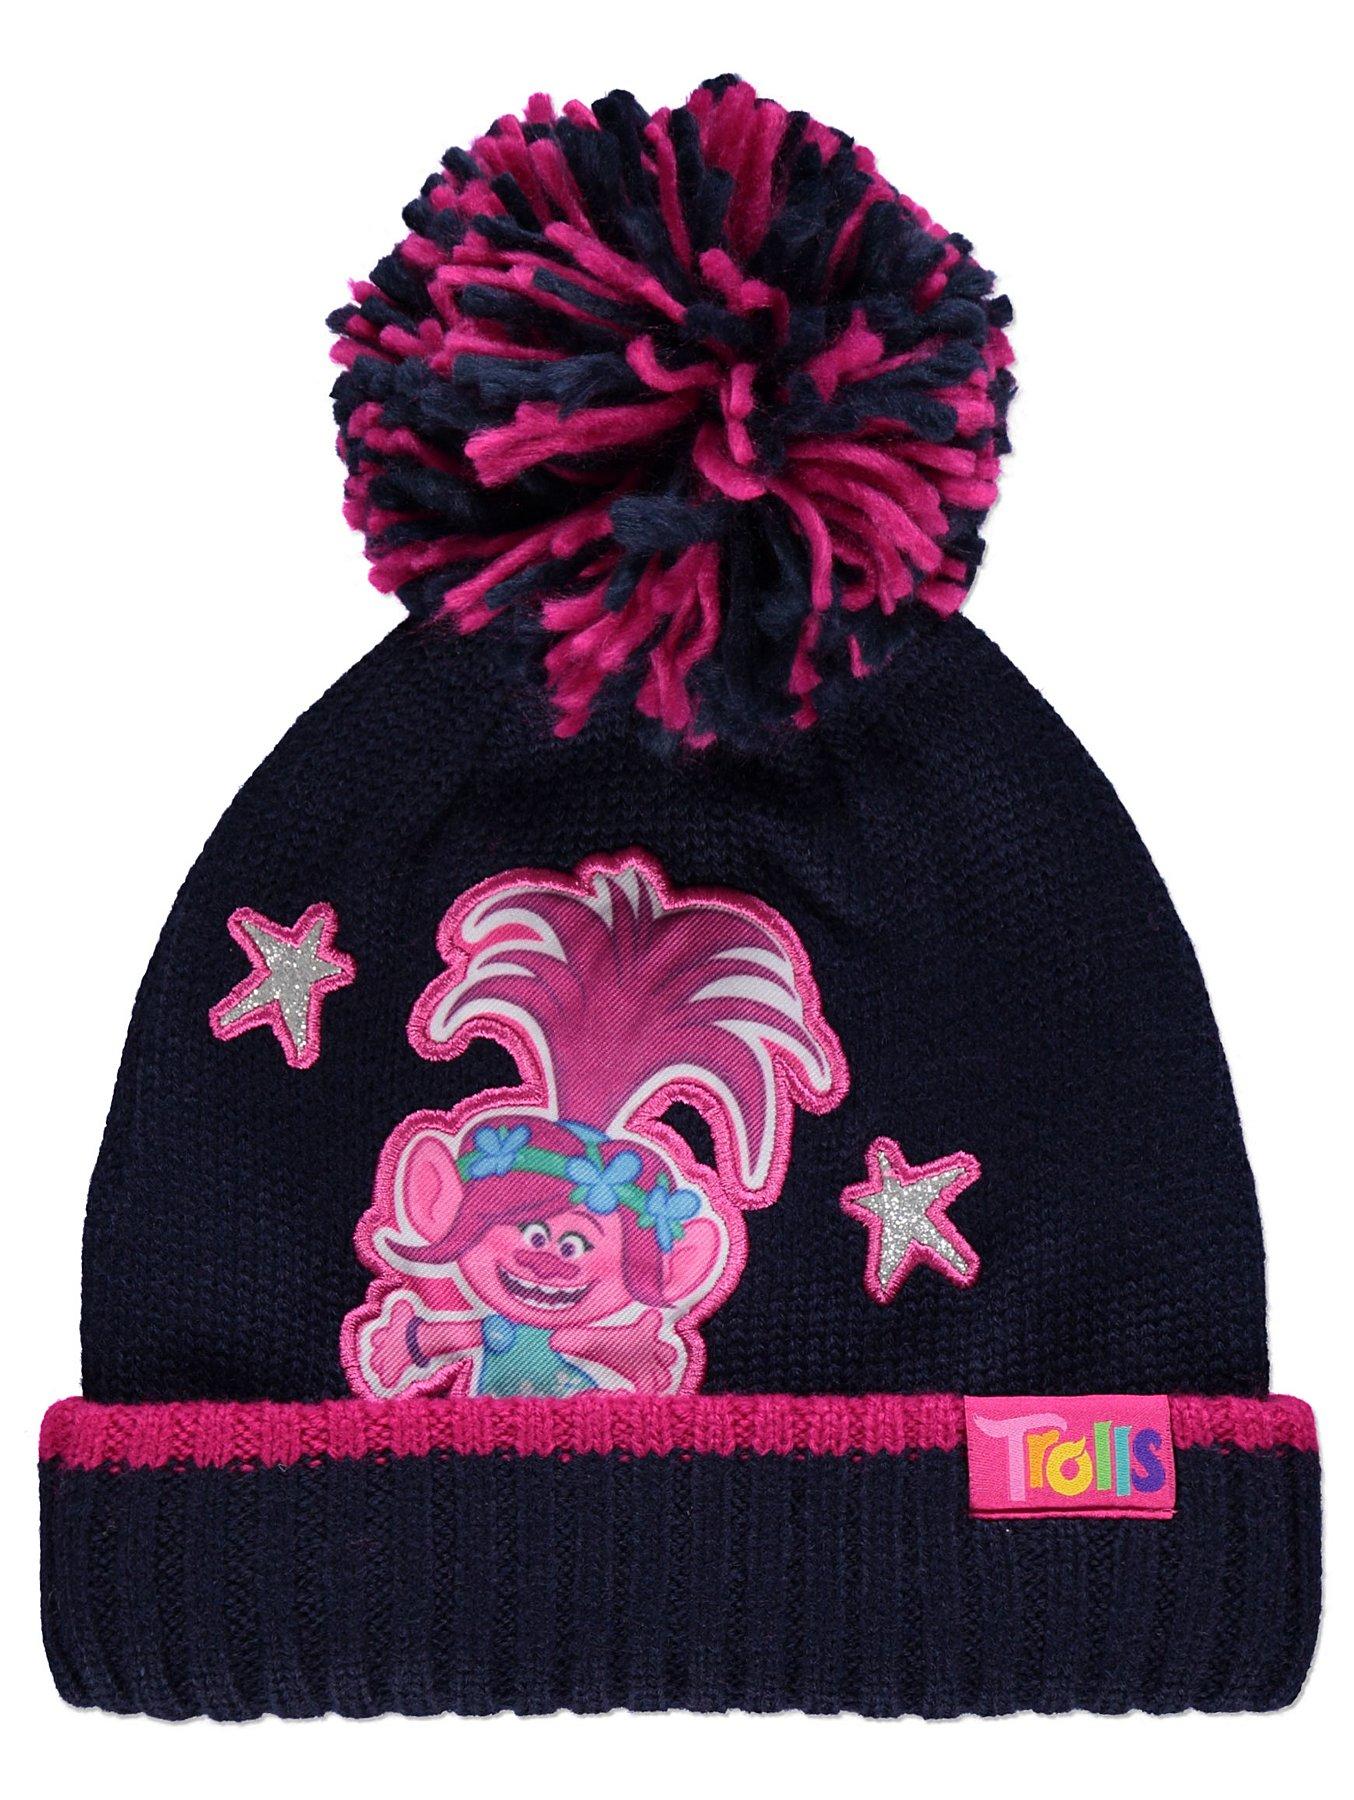 designer fashion dbeb2 6c1e0 Trolls Princess Poppy Navy Bobble Hat